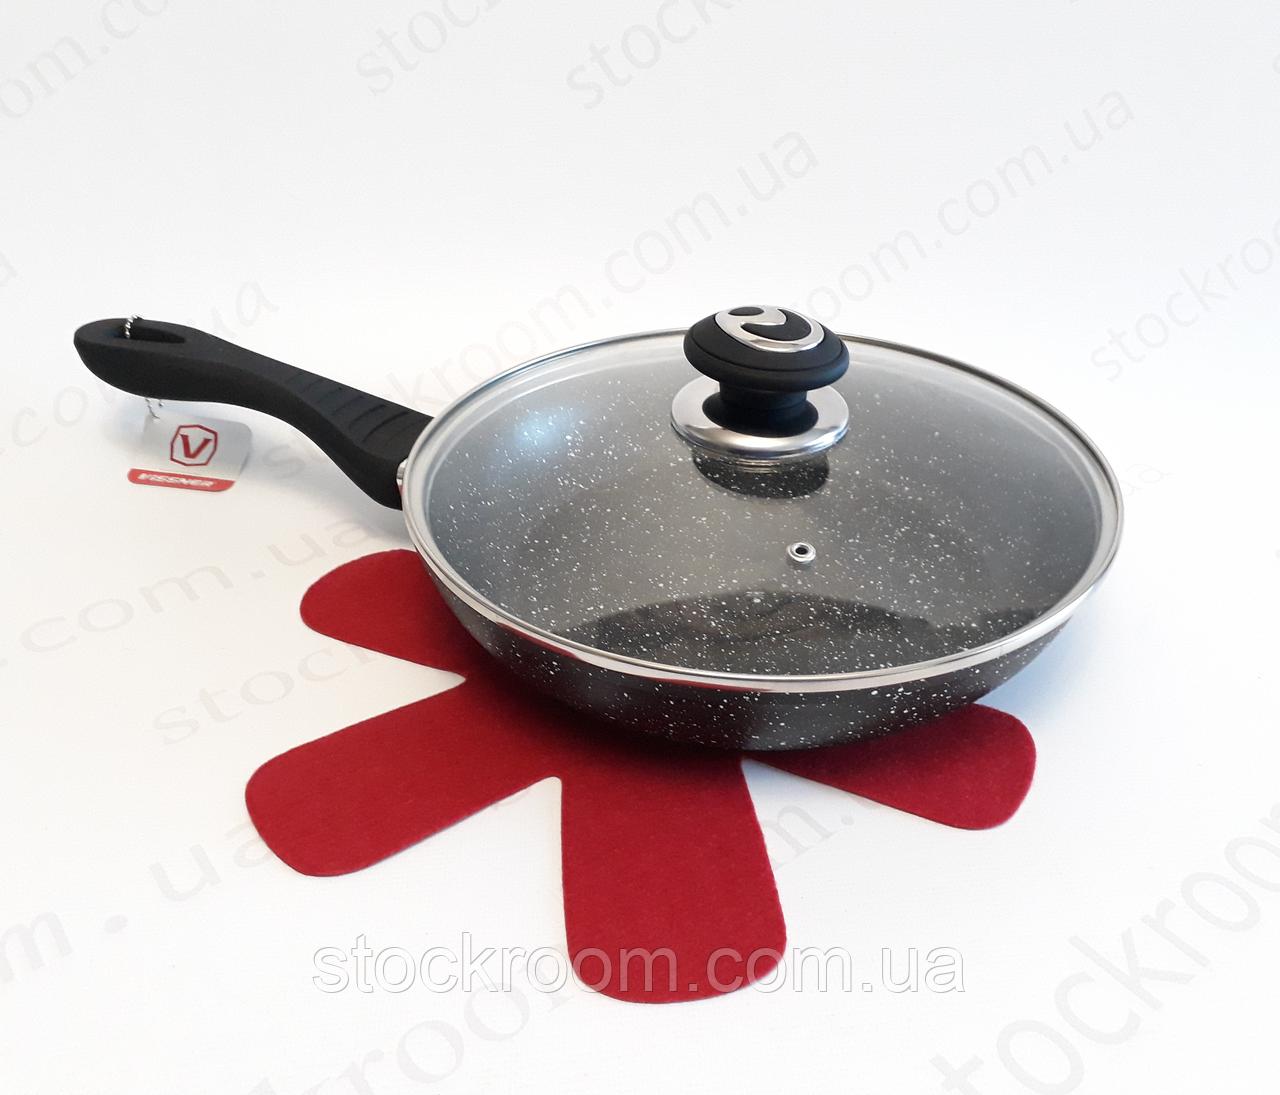 Сковорода из литого алюминия Vissner VS 7550-24 с антипригарным покрытием